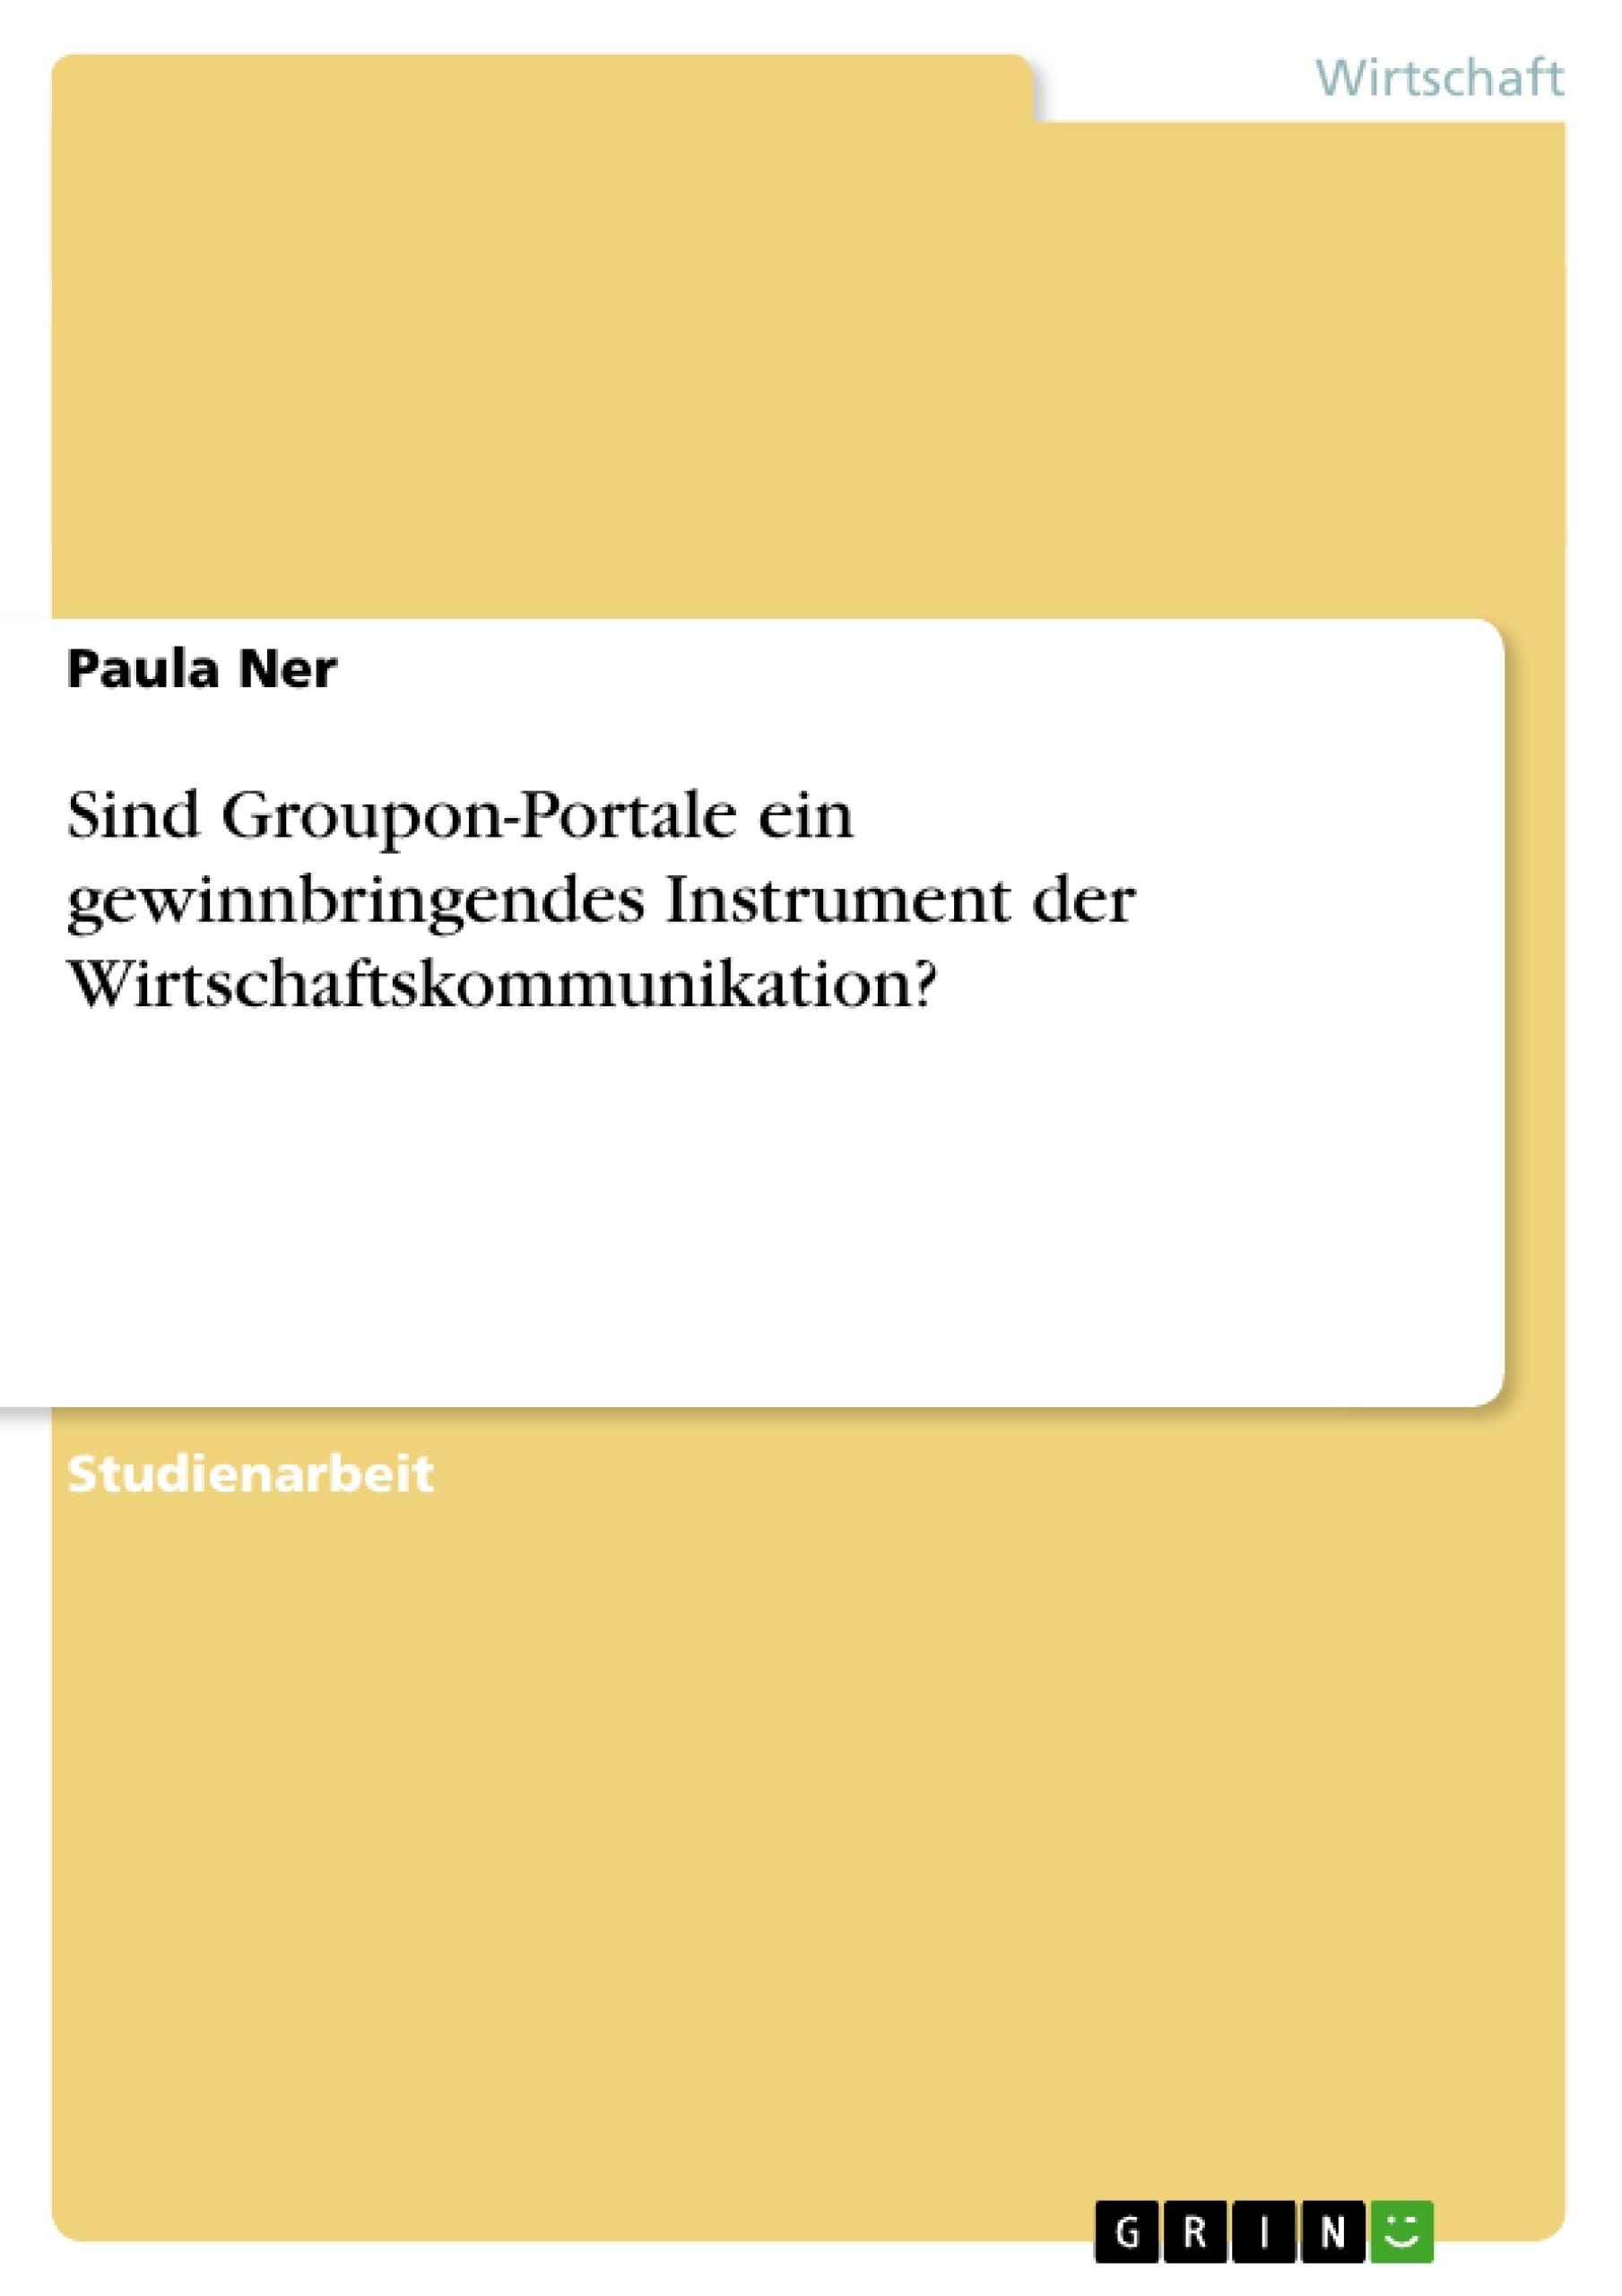 Titel: Sind Groupon-Portale ein gewinnbringendes Instrument der Wirtschaftskommunikation?